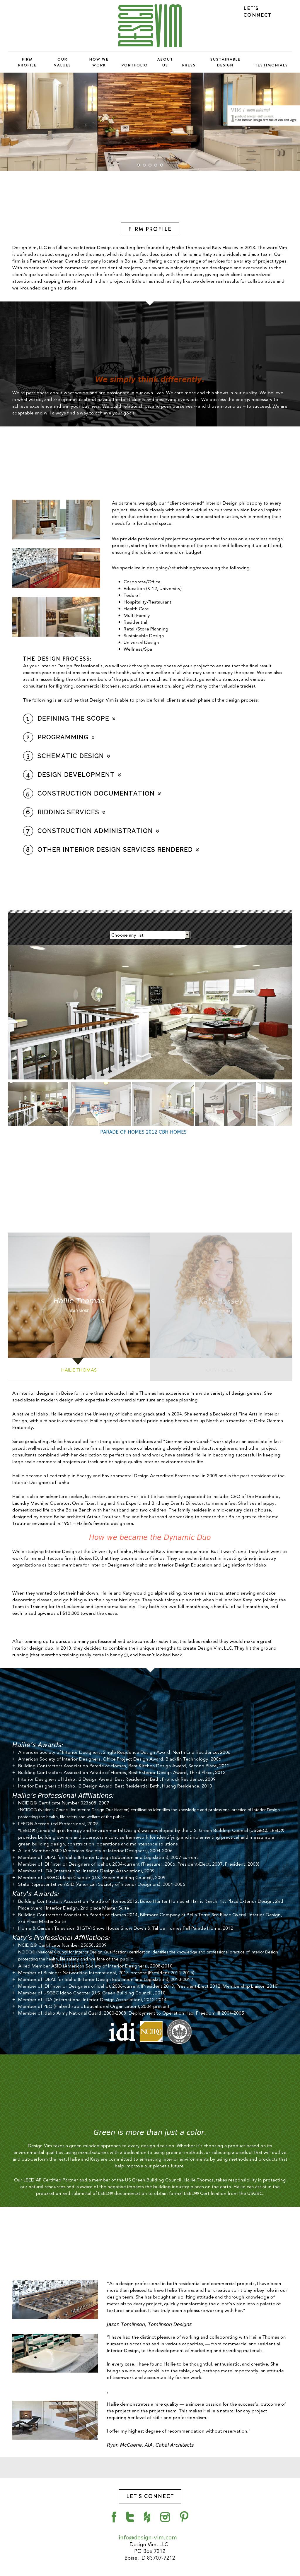 design vim interior design competitors revenue and employees